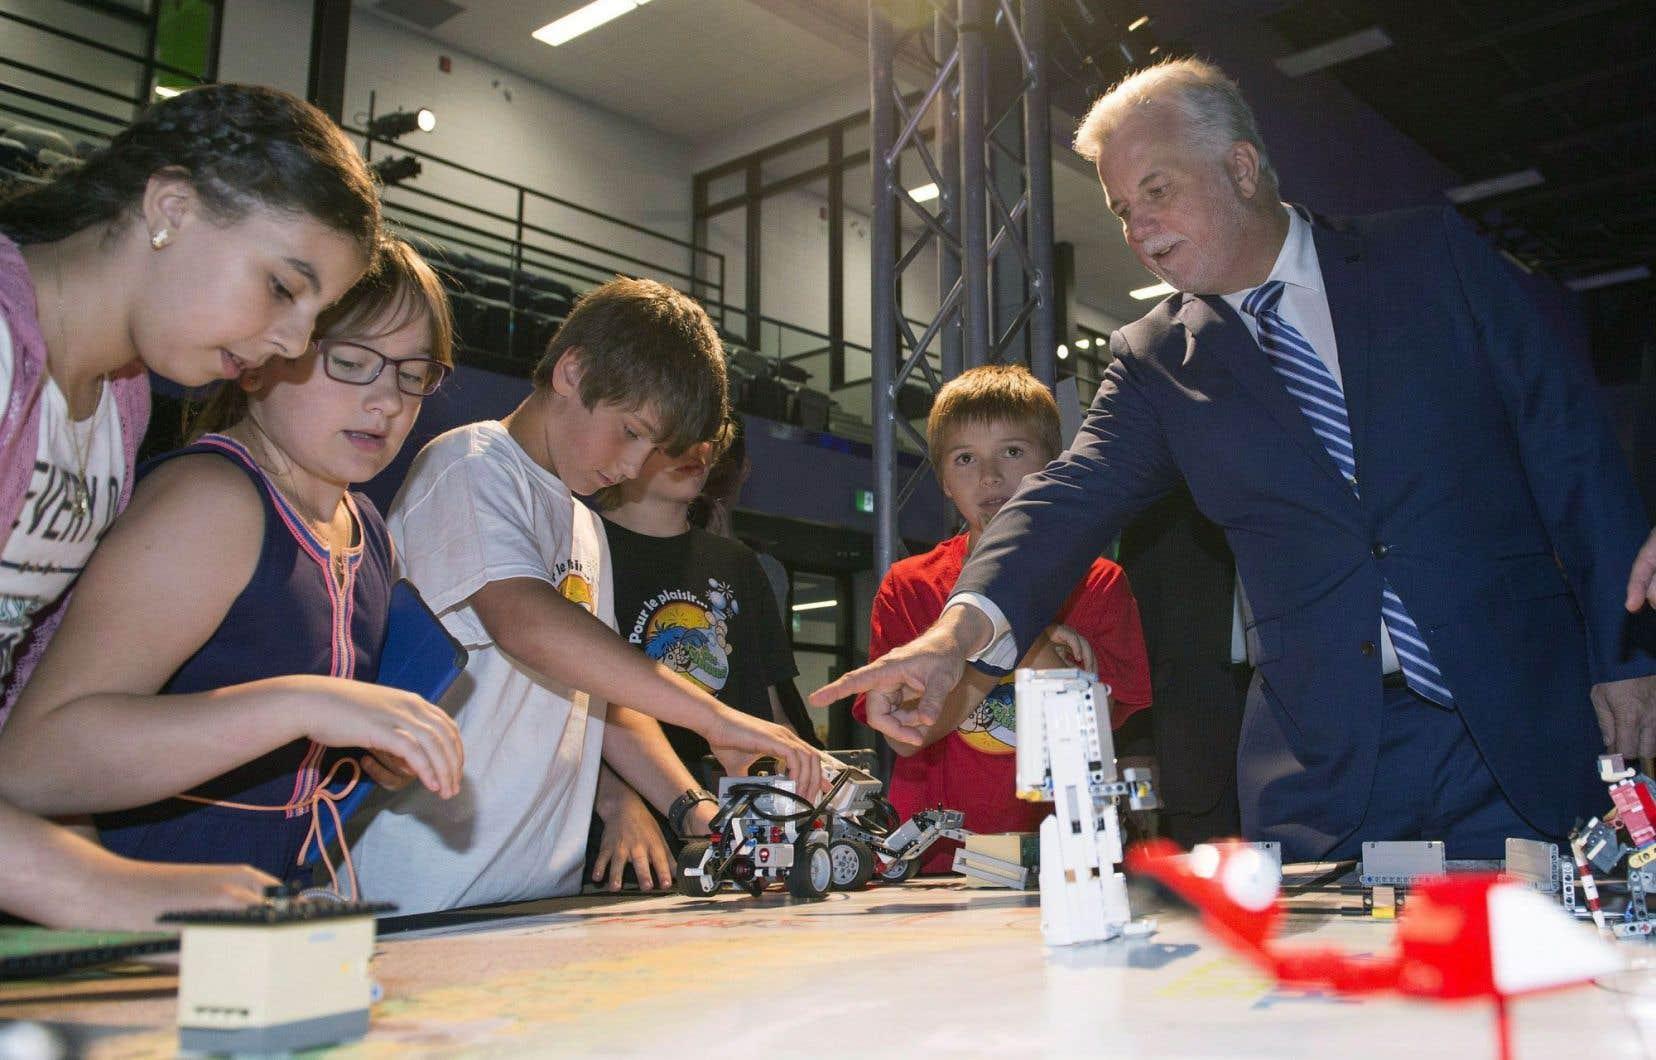 Le premier ministre Philippe Couillard accompagnait son ministre de l'Éducation, Sébastien Proulx, dans une école de Québec pour l'annonce de la politique québécoise en matière de réussite scolaire.